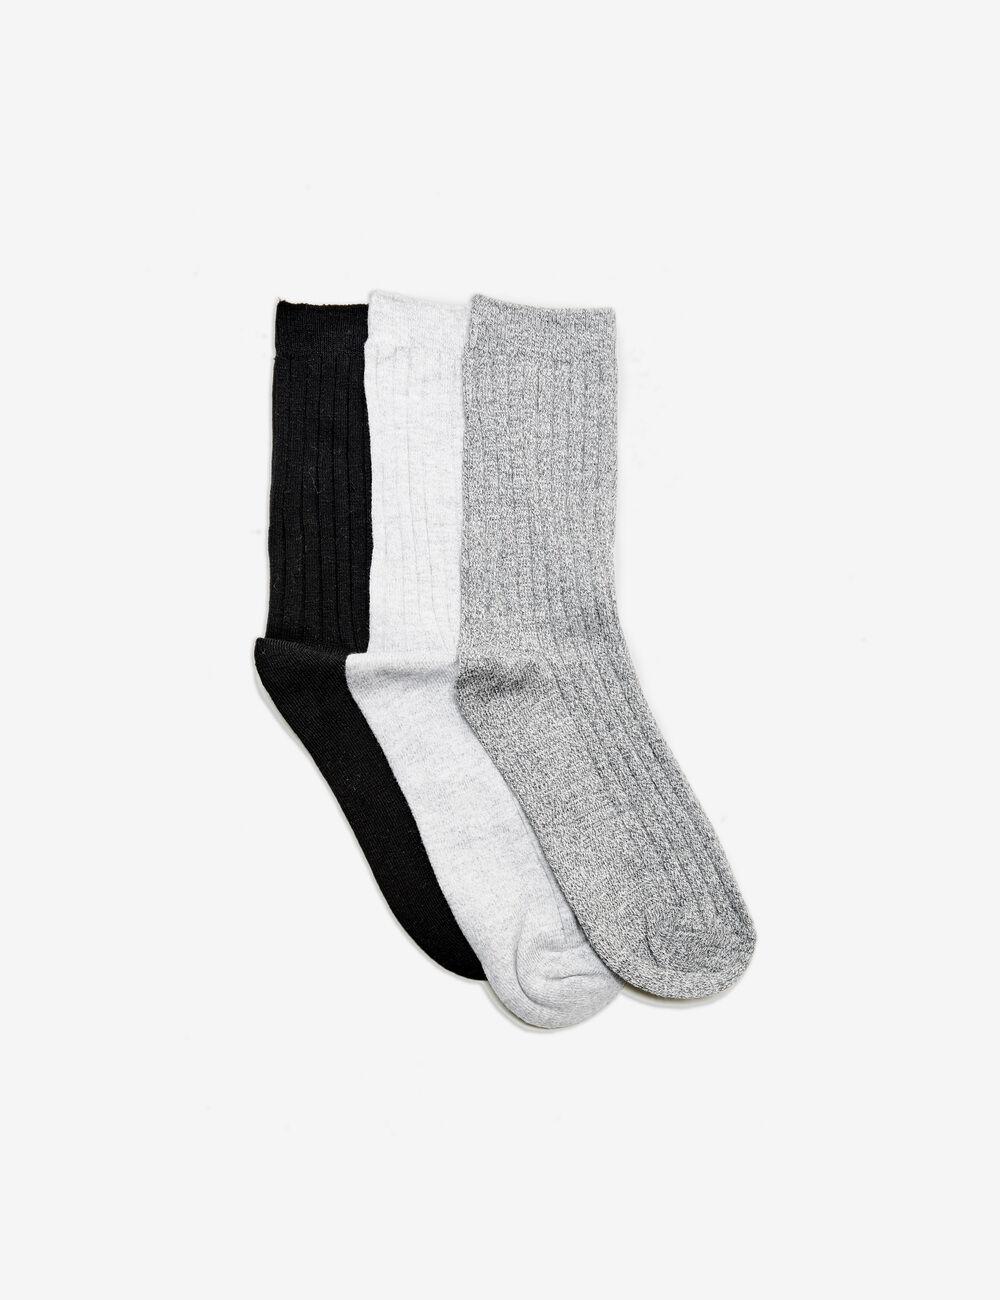 chaussettes mi hautes noires gris anthracite chin et. Black Bedroom Furniture Sets. Home Design Ideas